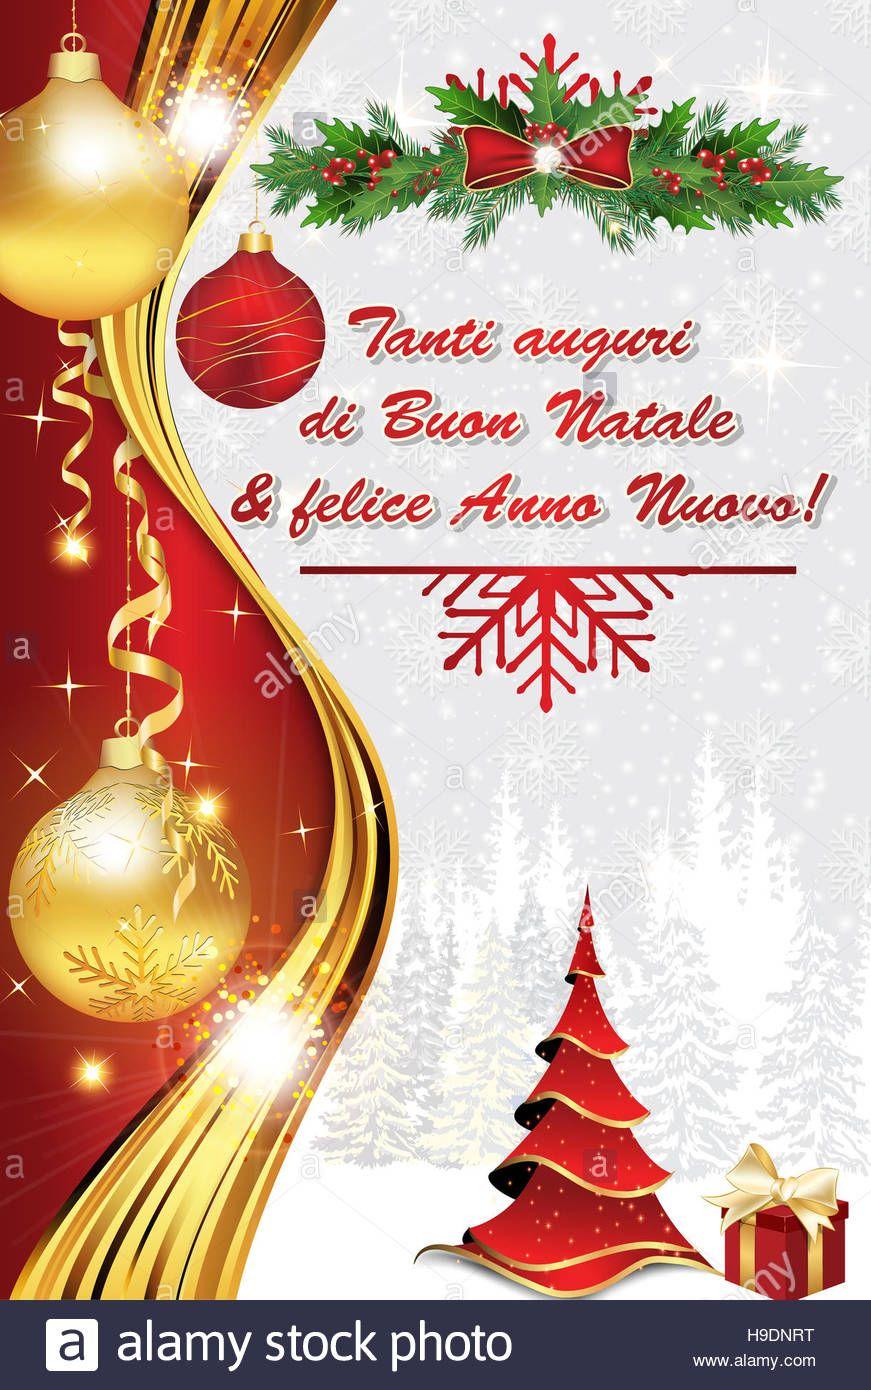 Tanti Auguri E Buon Natale.Esegui Il Download Di Questa Immagine Stock Tanti Auguri Di Buon Natale E Felice Anno Nuovo Biglietto D A Buon Natale Felice Anno Nuovo Biglietto Natalizio